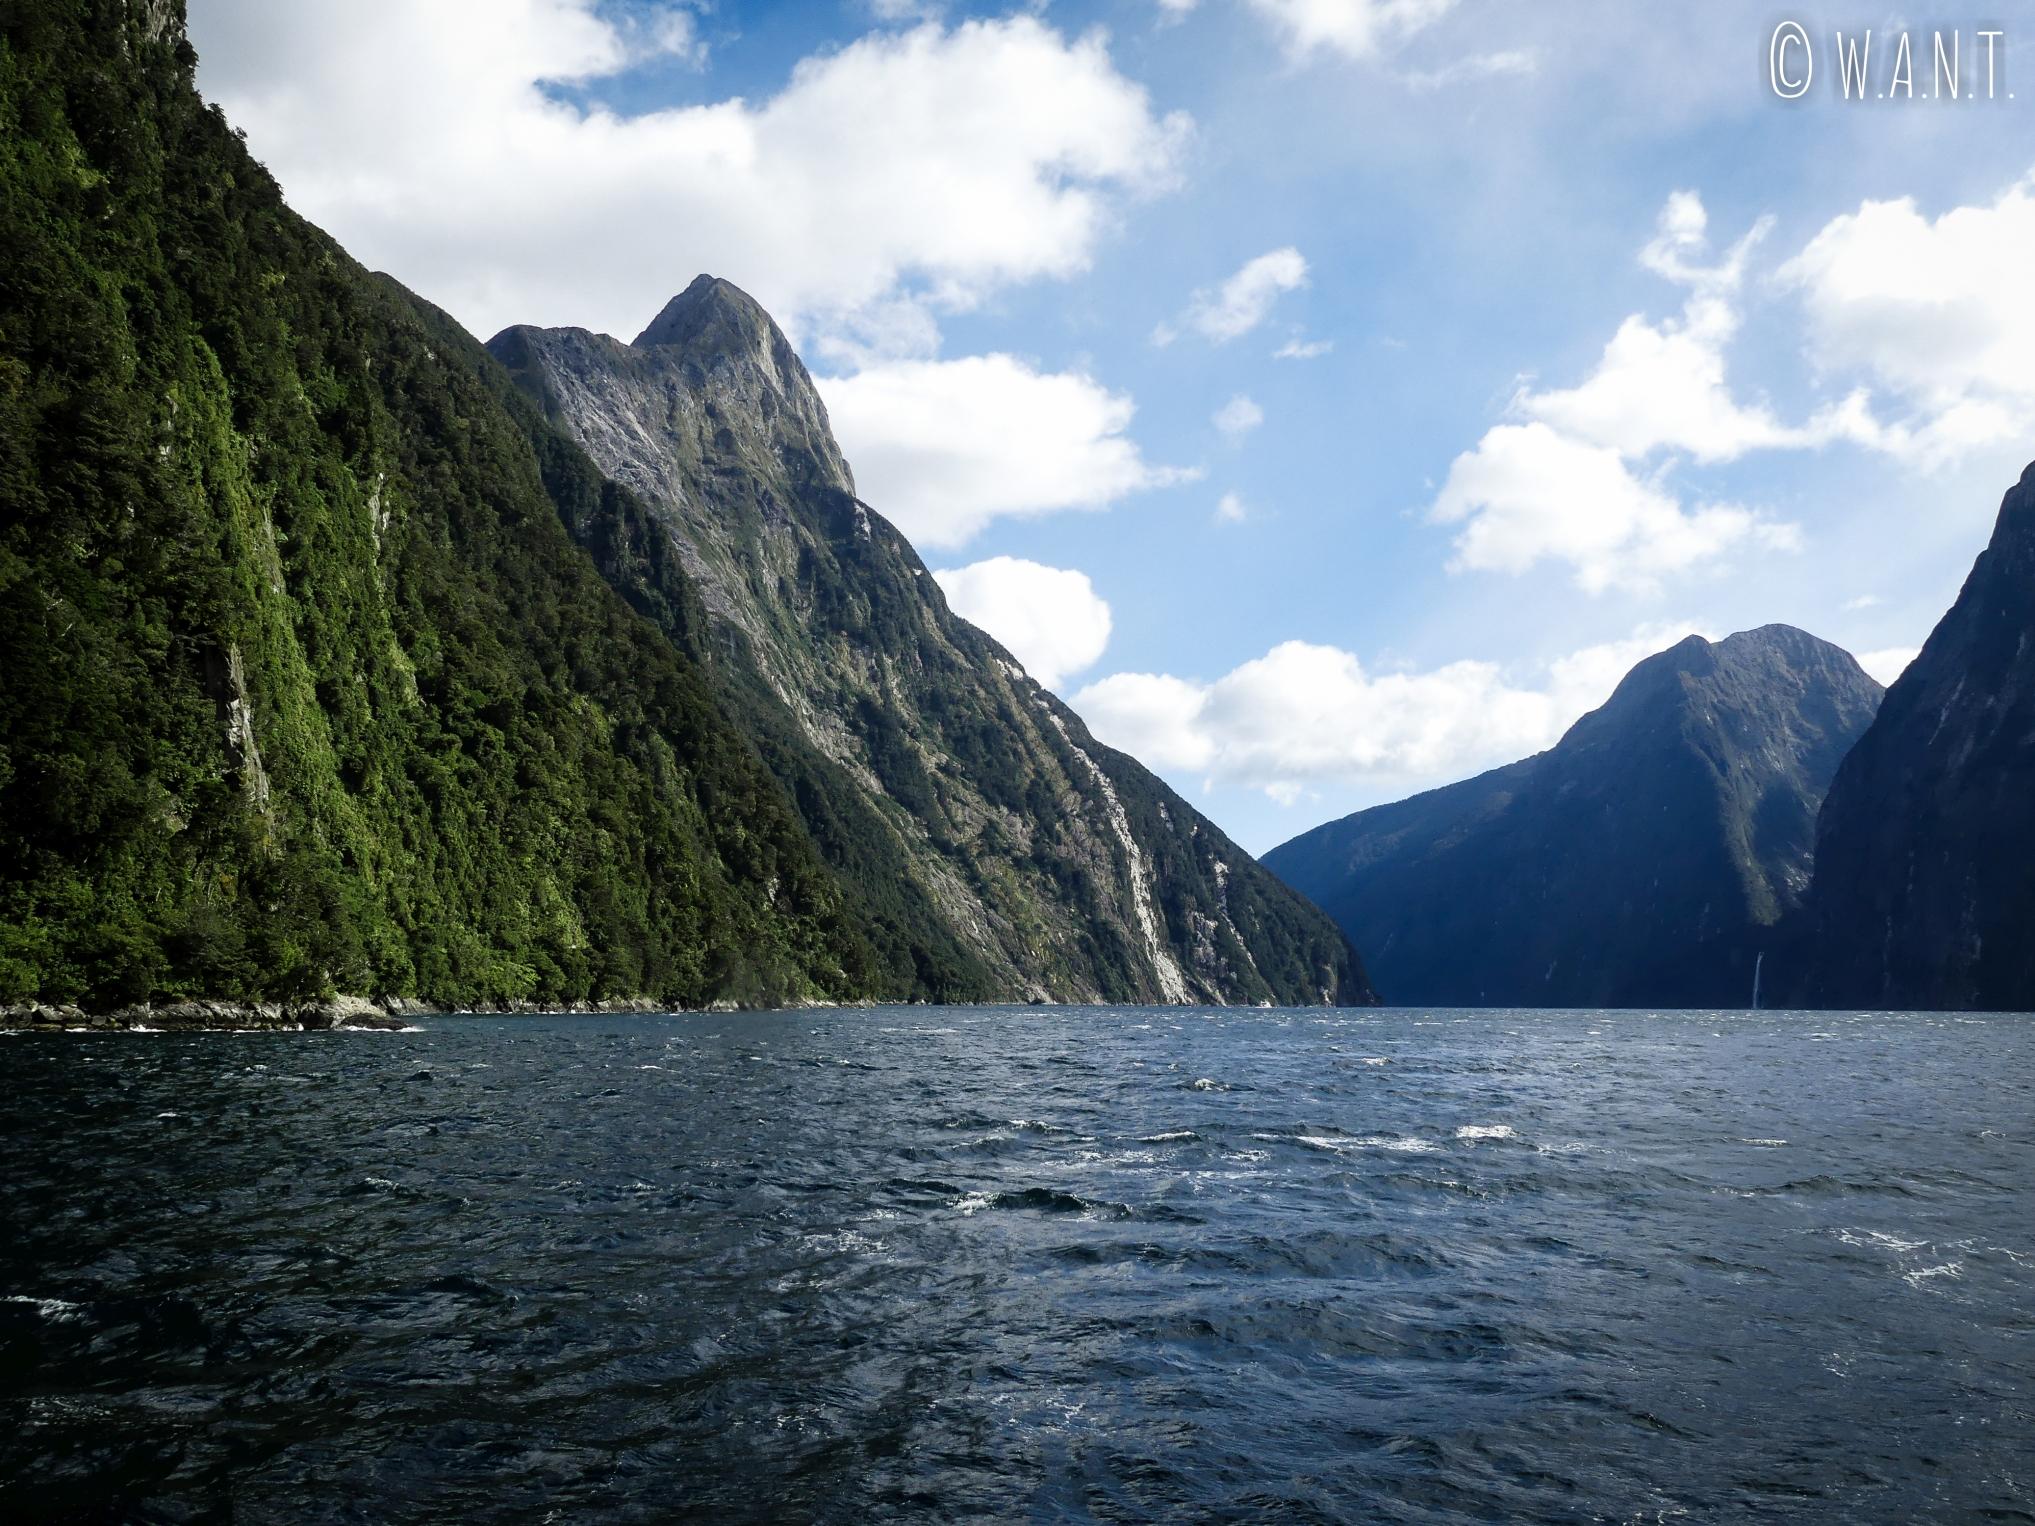 Le beau temps est de la parti lors que notre croisière sur le Milford Sound en Nouvelle-Zélande